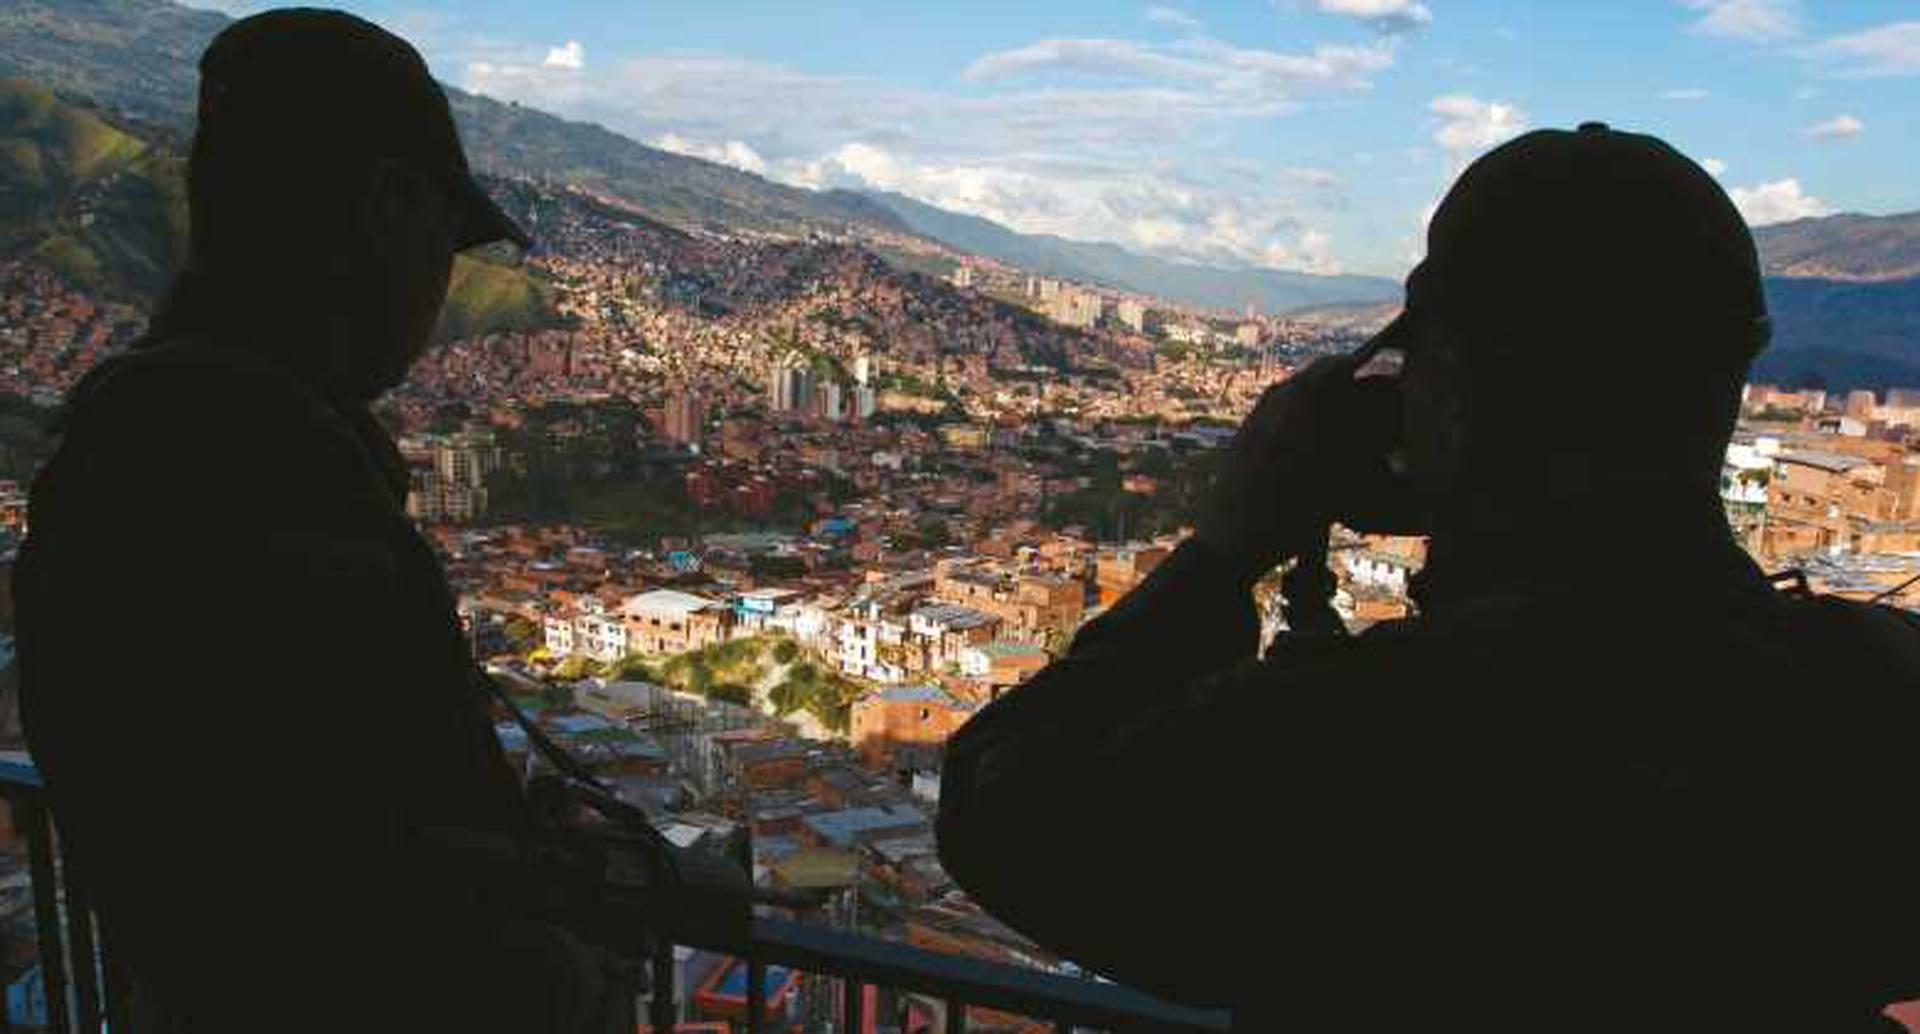 Lo que se conoce como la Oficina de Envigado ejerce un control sobre gran parte de los barrios de Medellín. La extorsión y el manejo de los negocios ilícitos financian a unos 7.000 delincuentes.